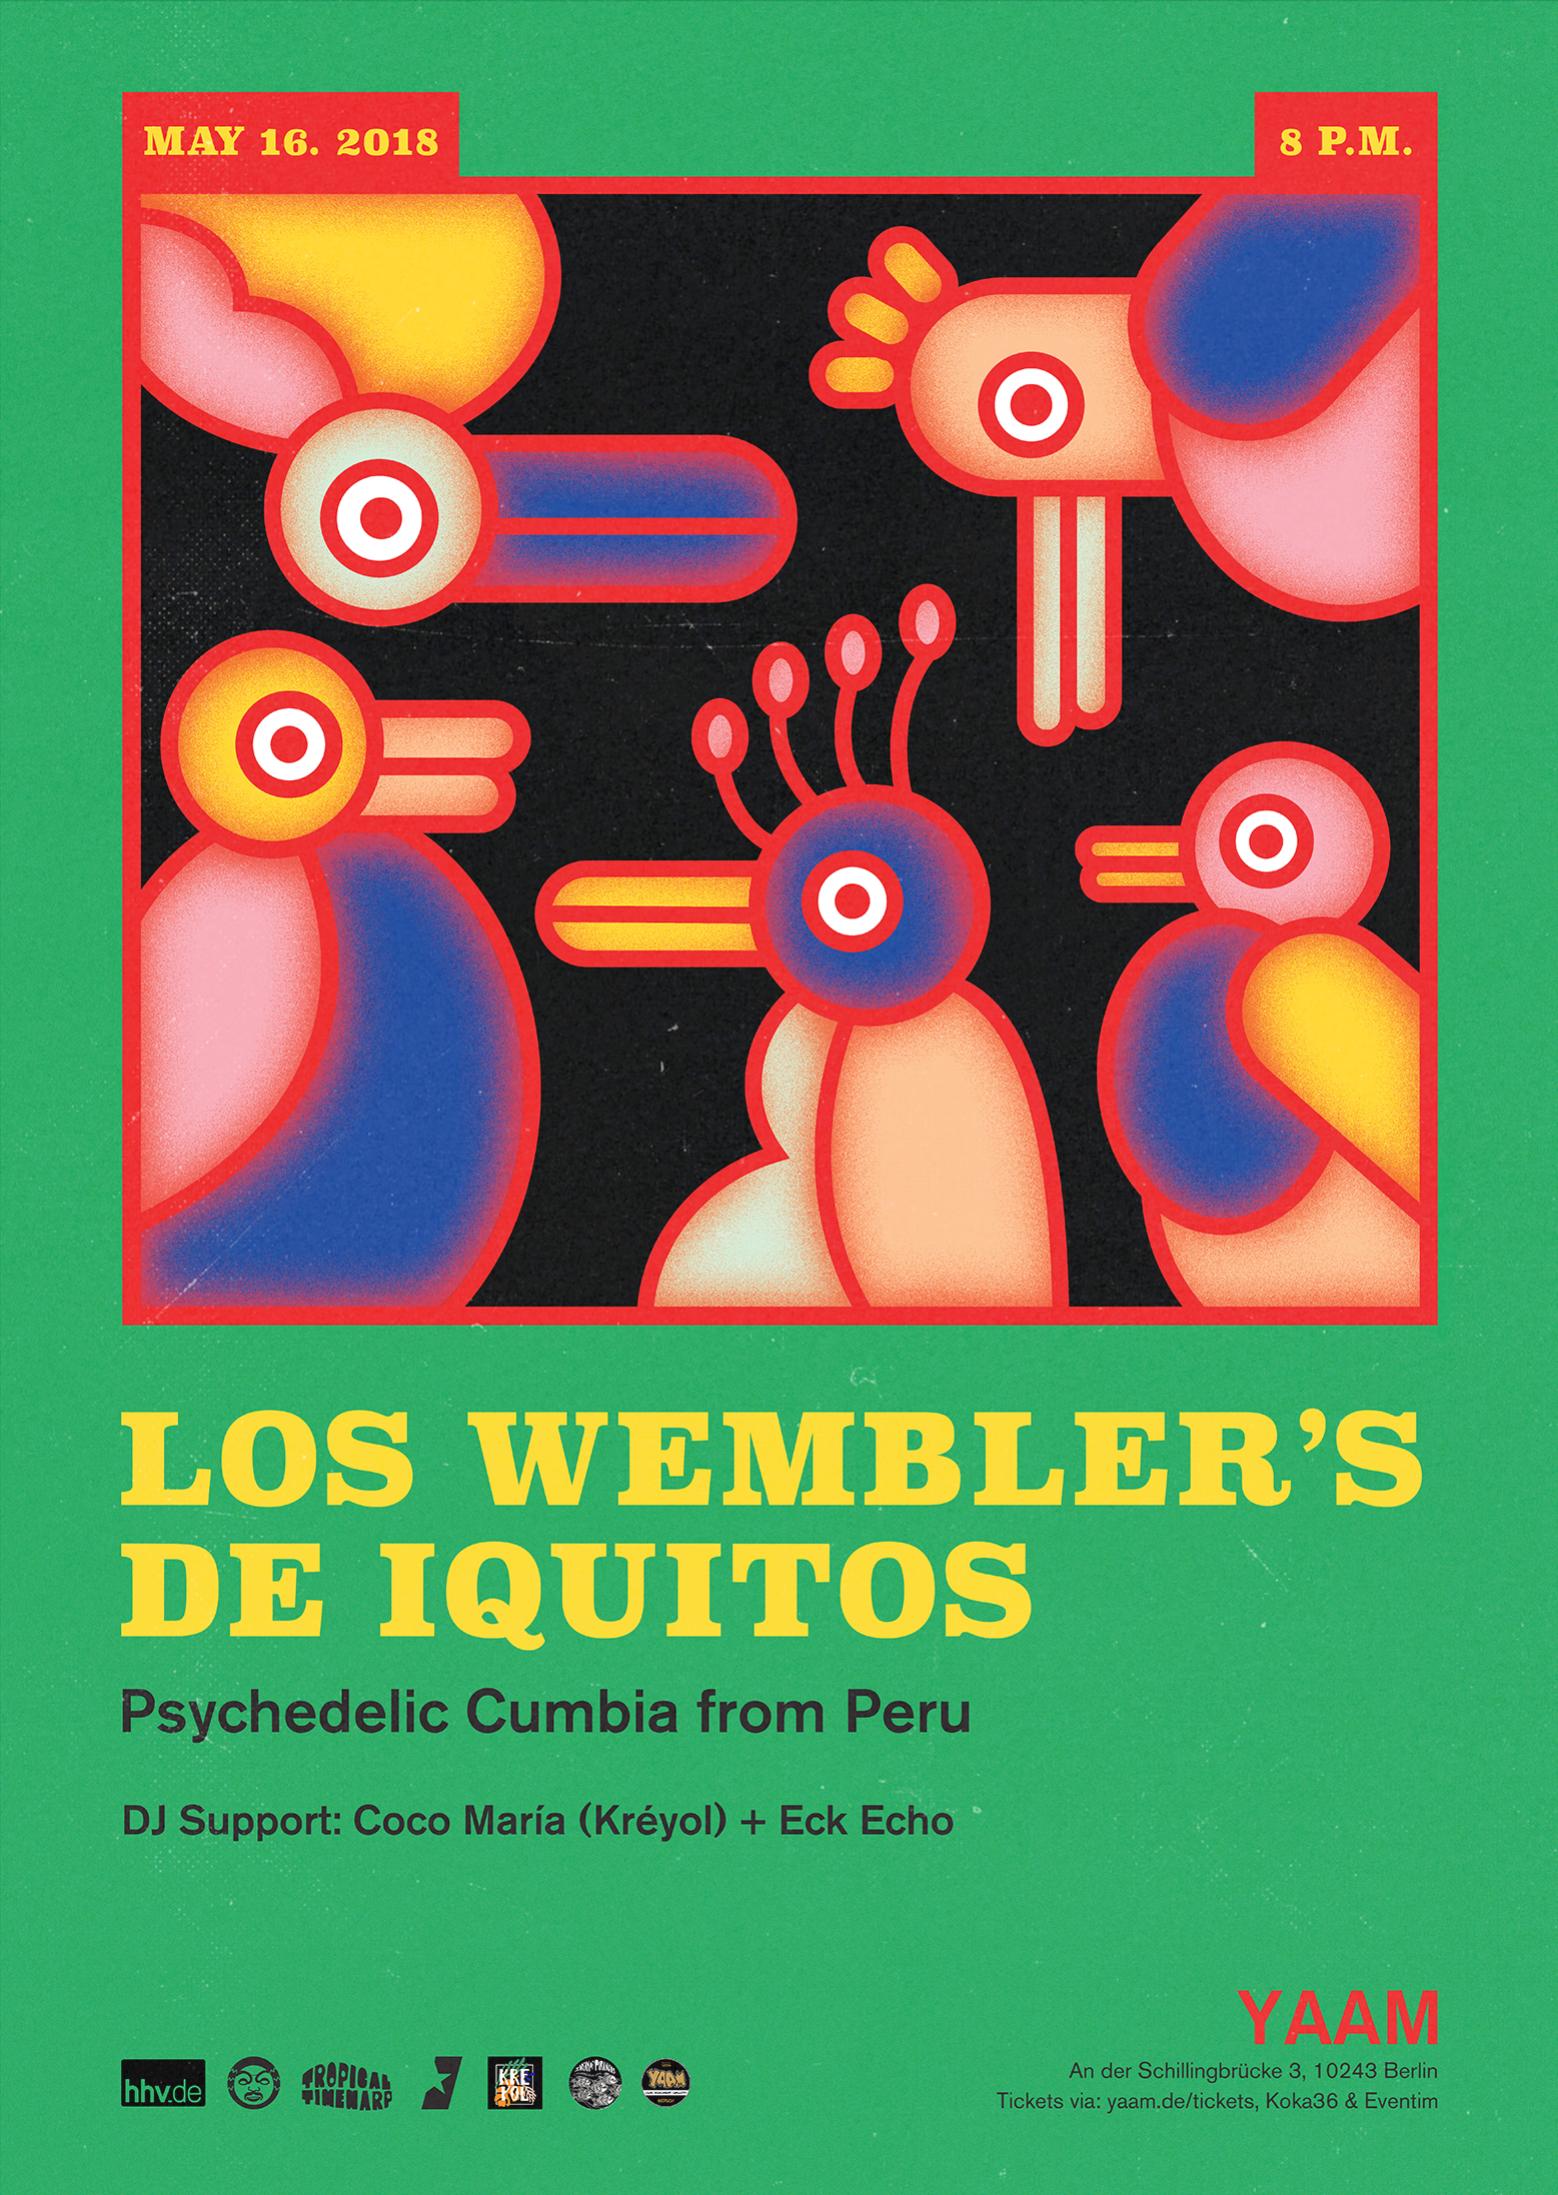 Poster for Wembler's de Iquitos in Berlin